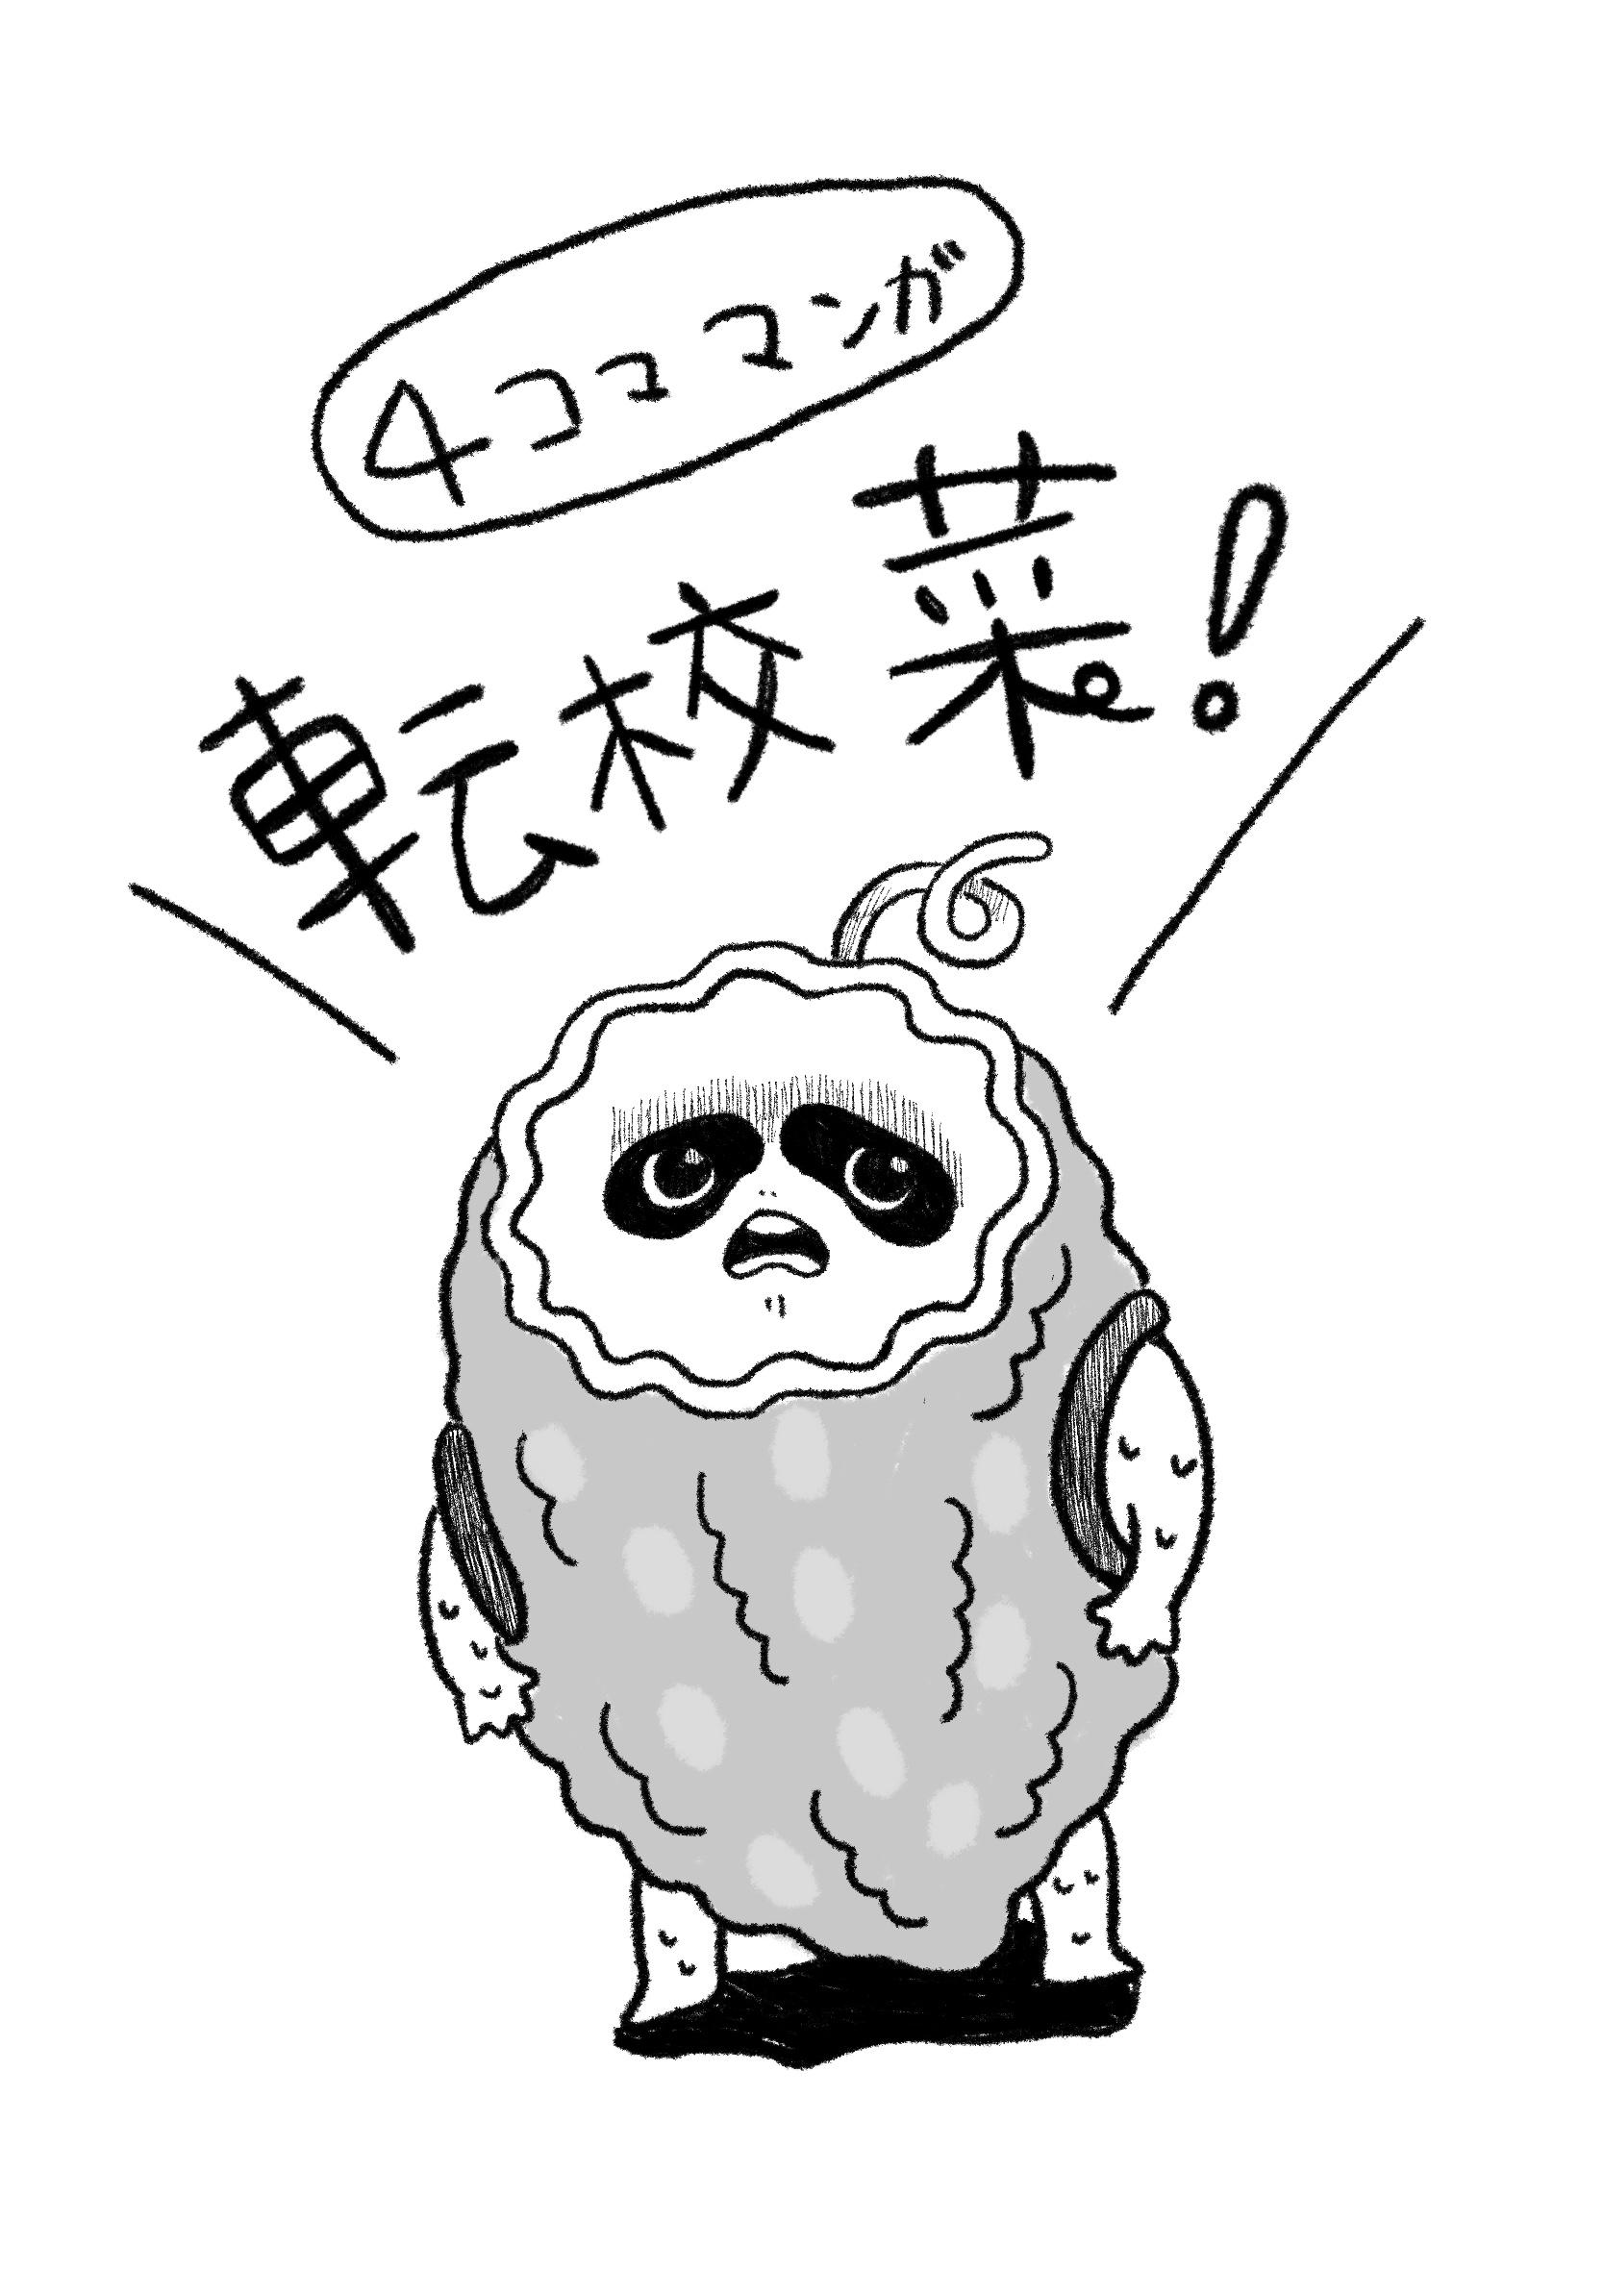 転校菜!/JJhhen